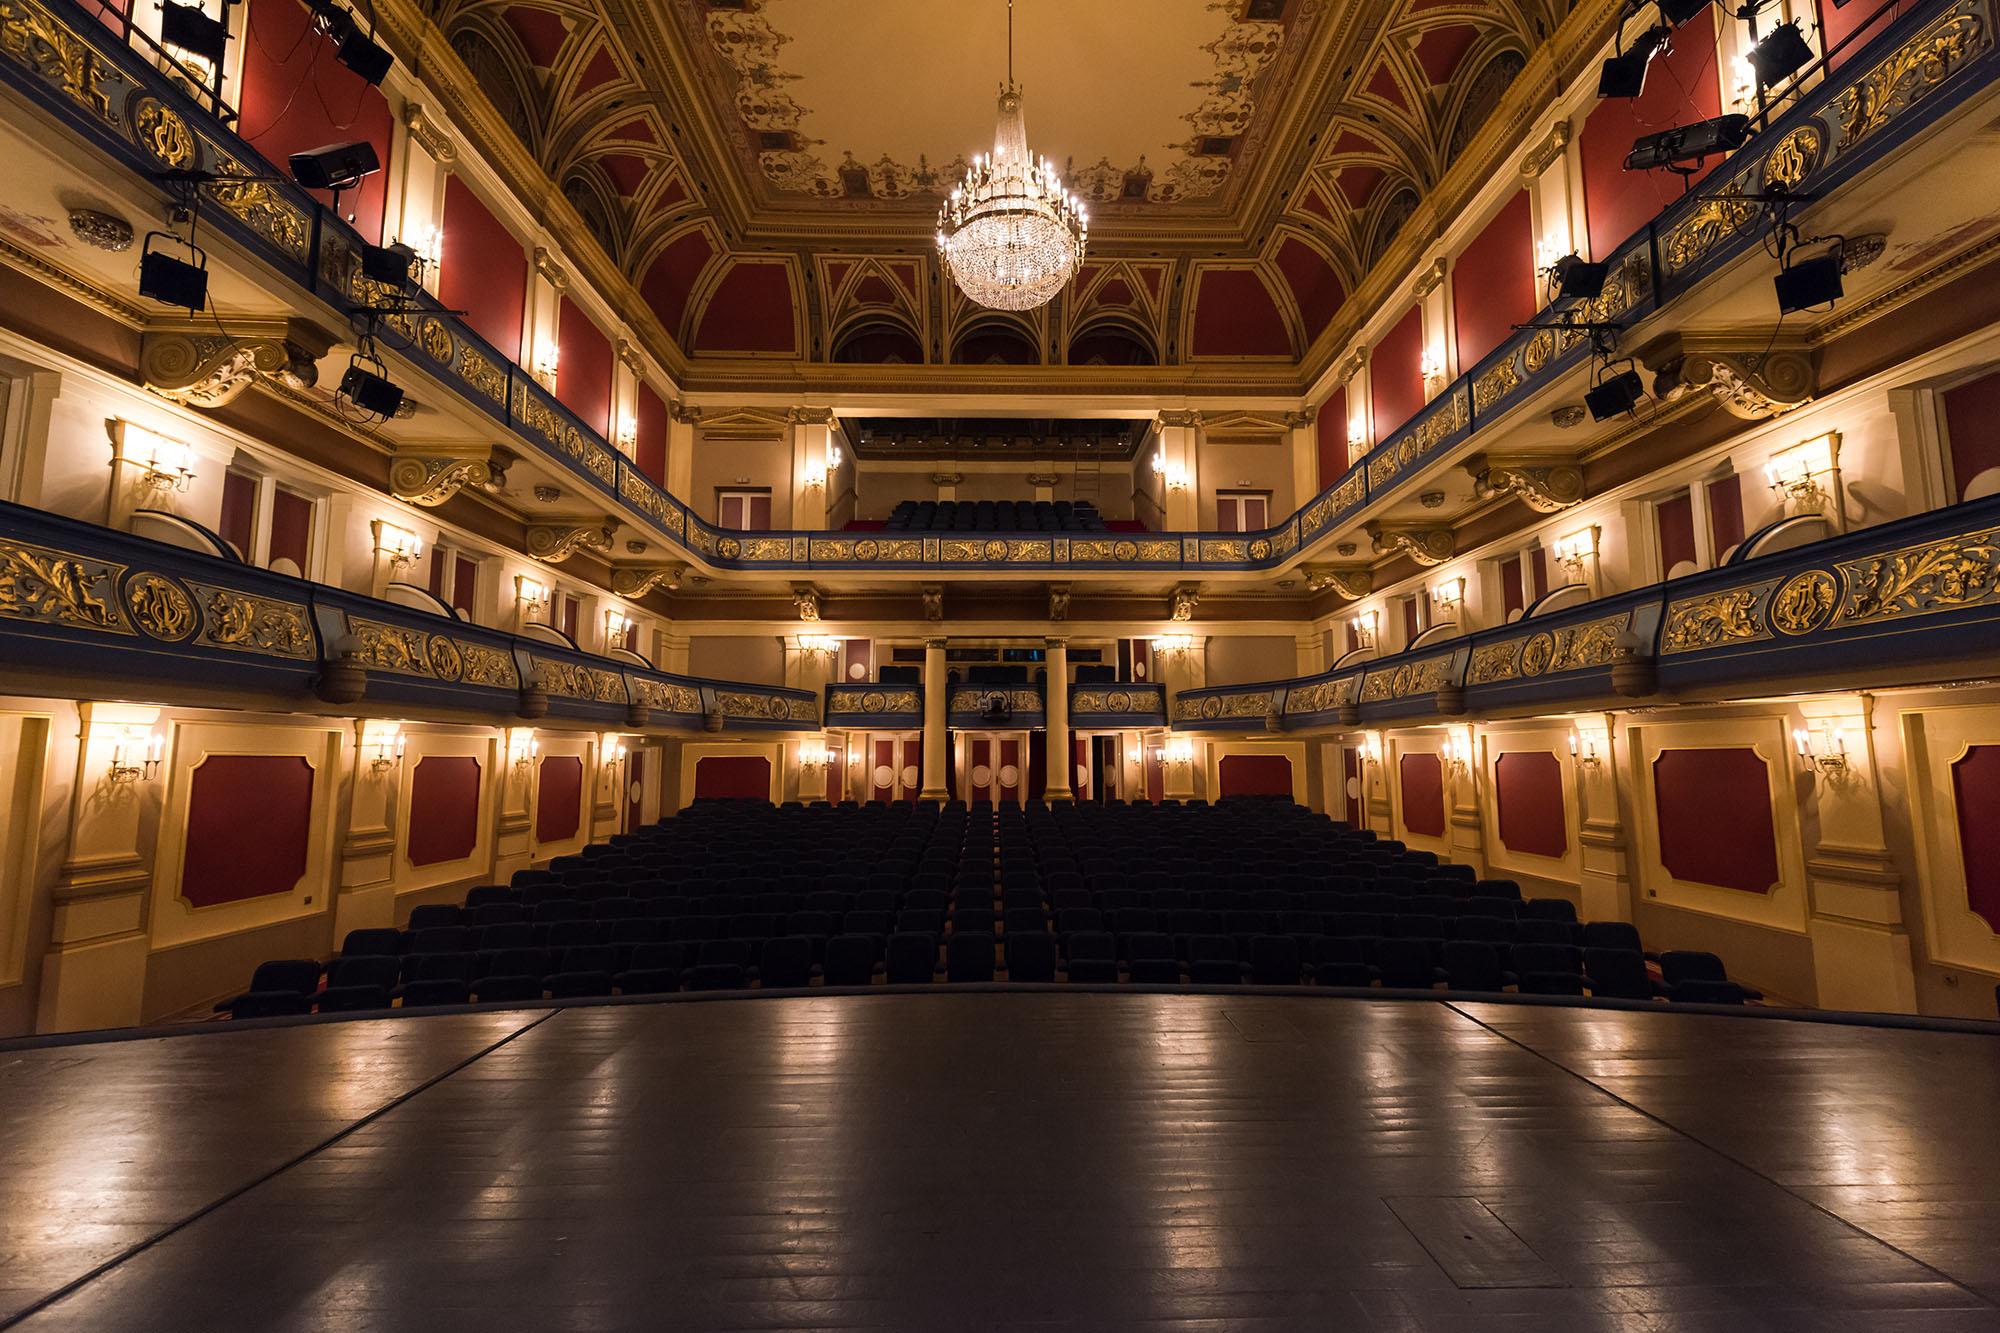 Teatros y auditorios